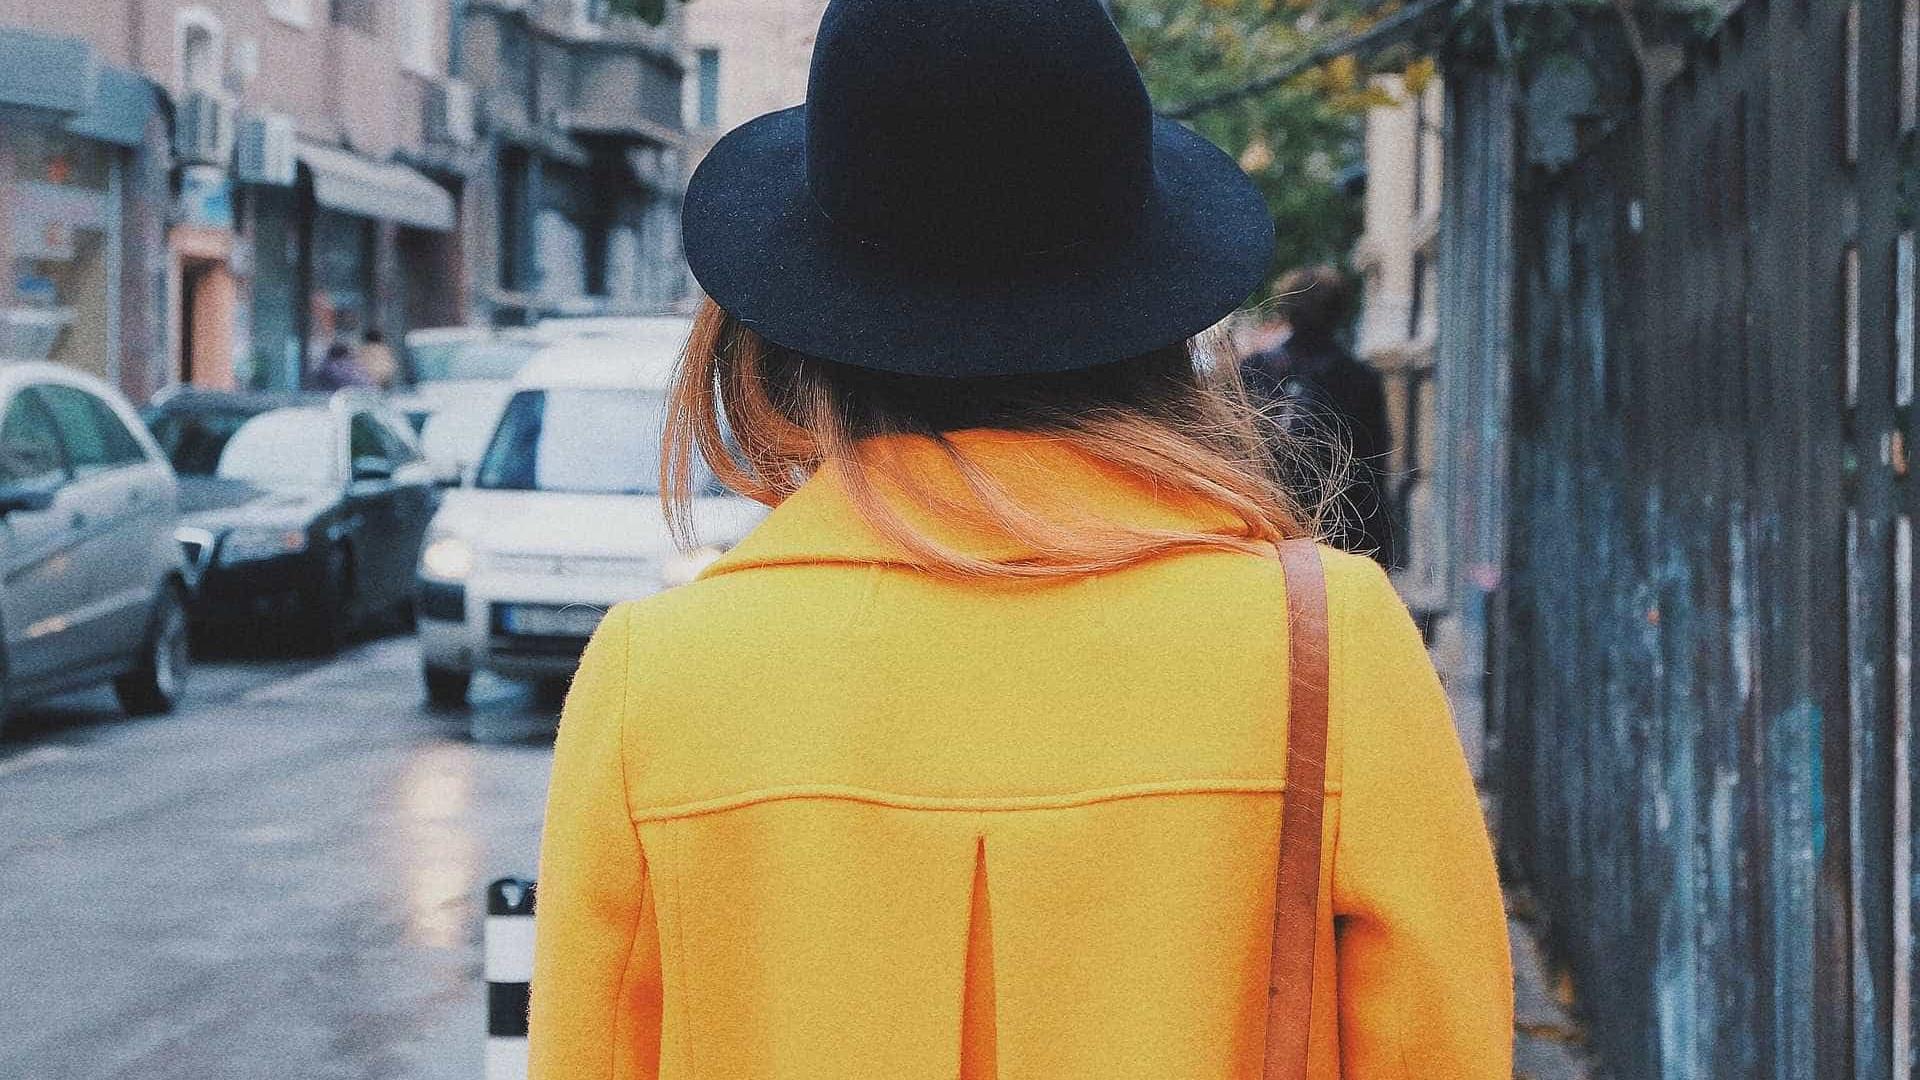 Sete cuidados que você deve ter com seu cabelo durante o inverno